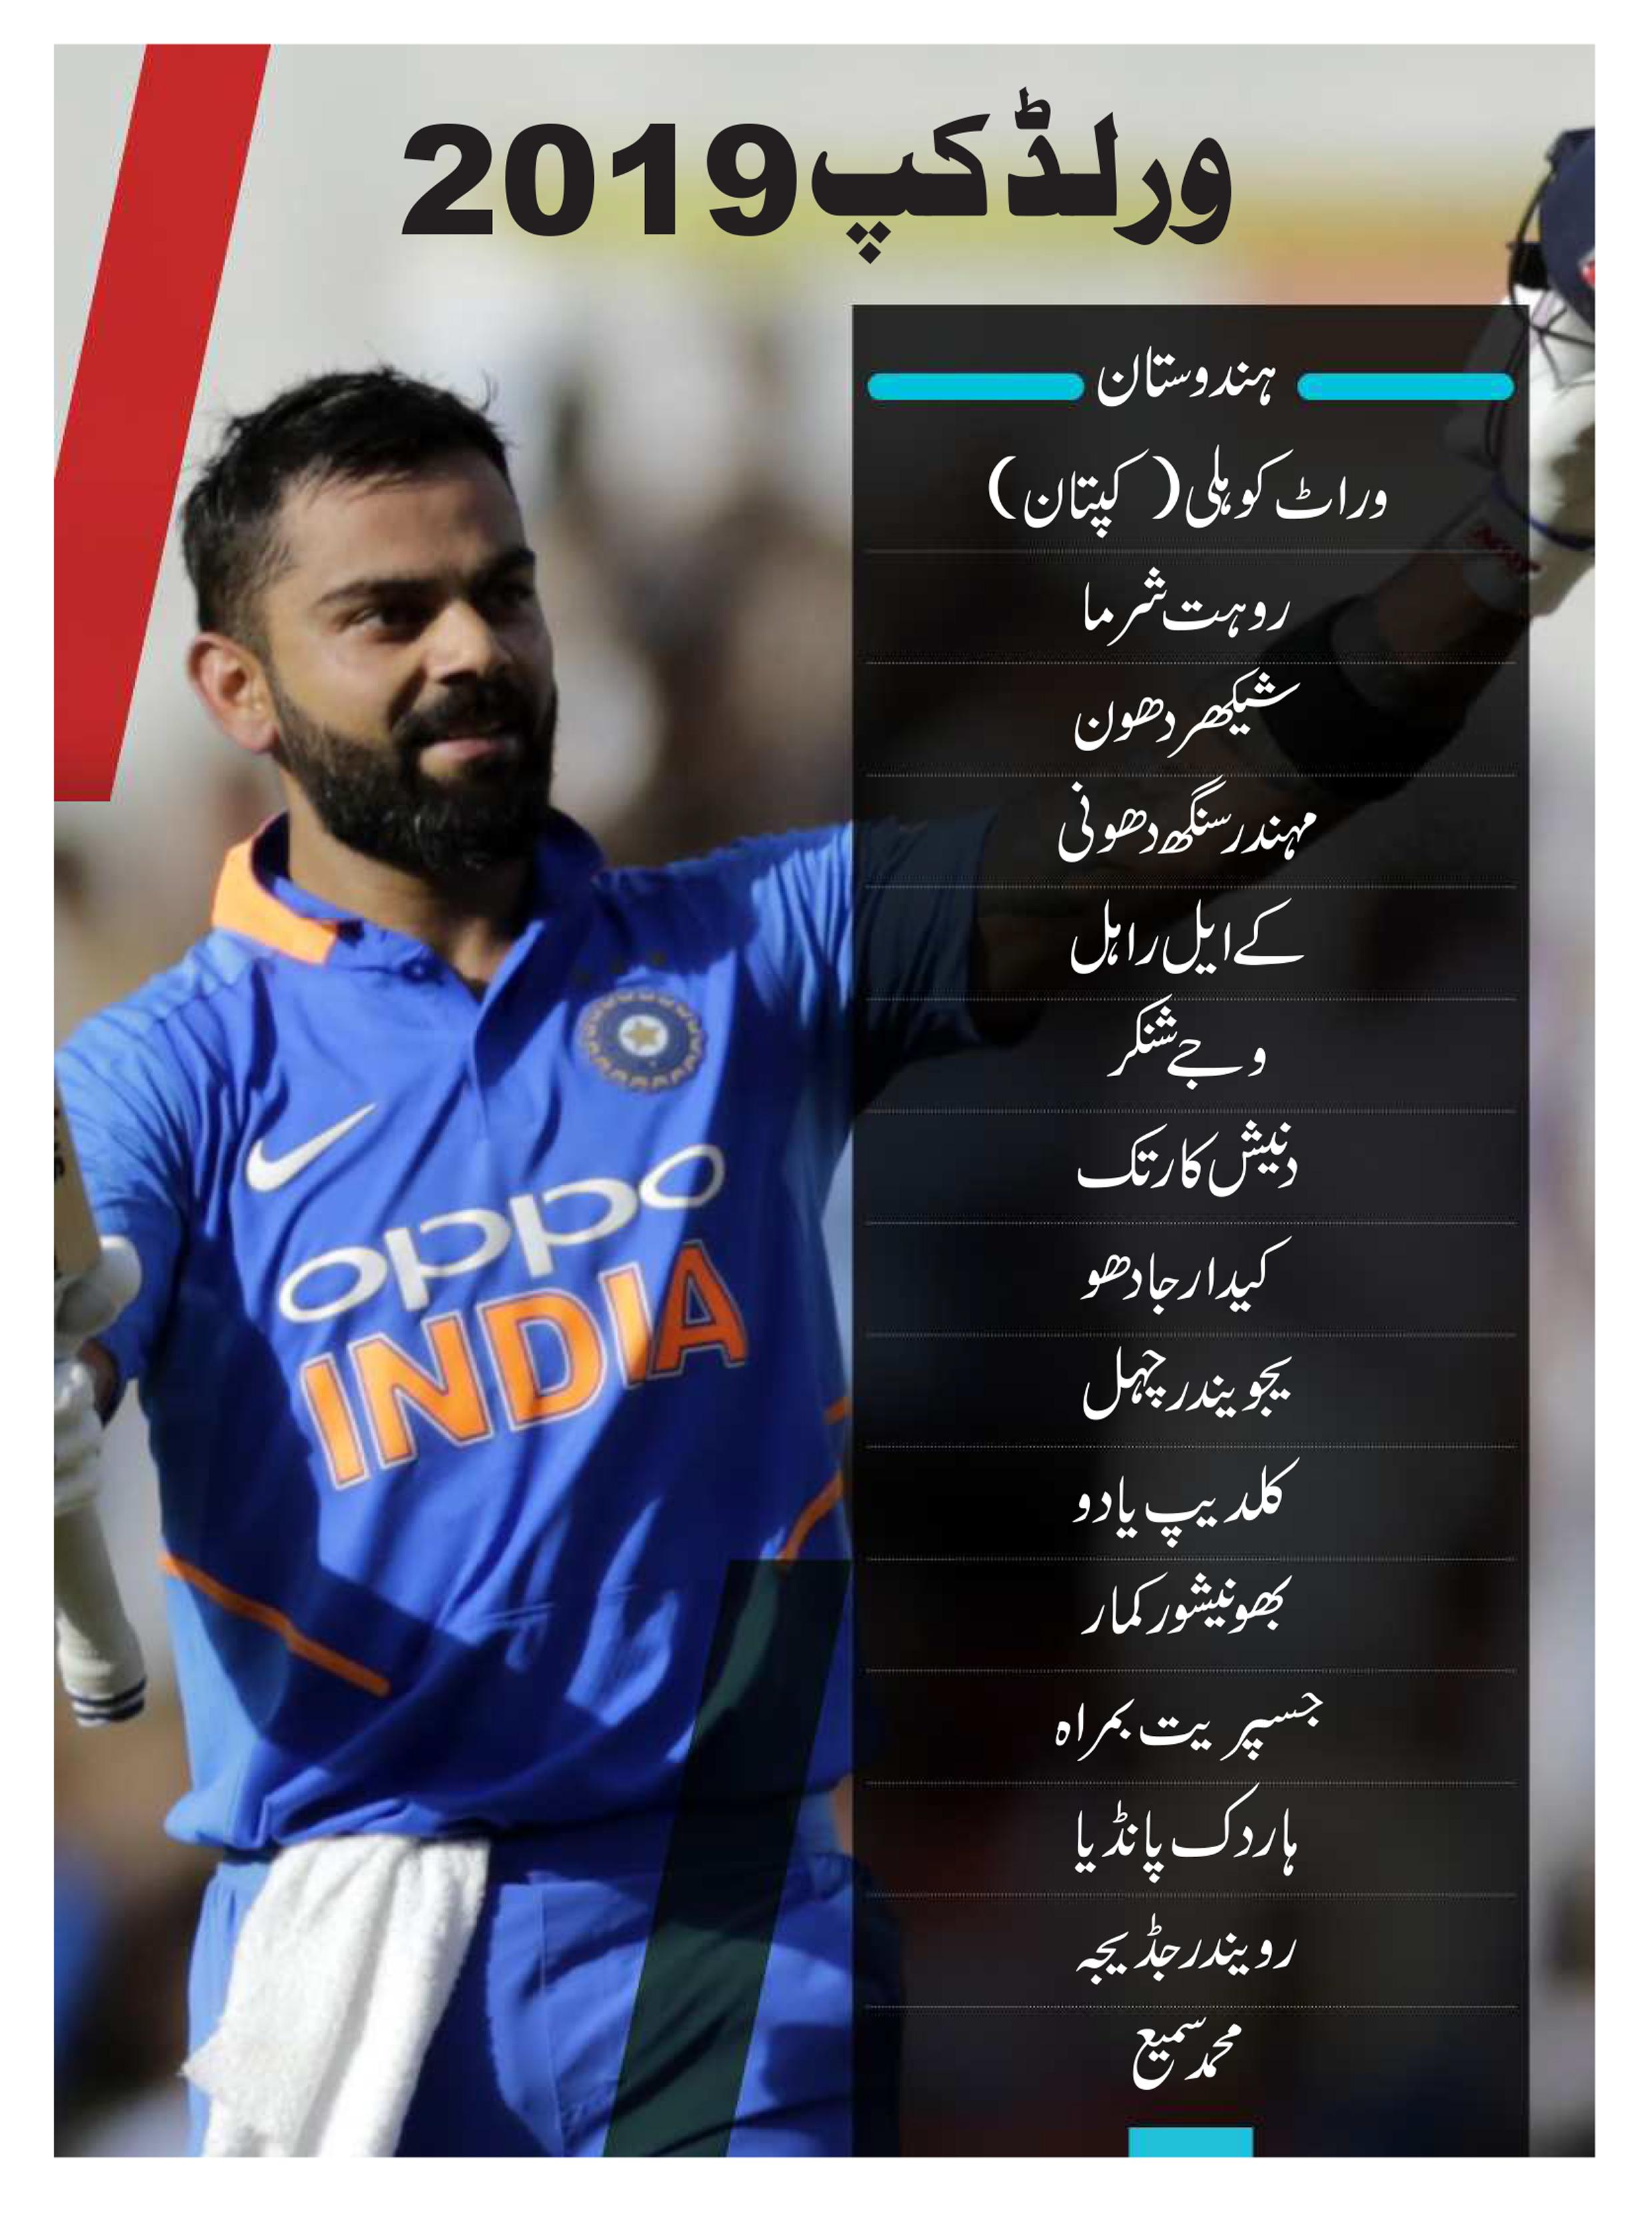 ہندوستان نے 1983 اور 2011 میں ورلڈ کپ جیتا تھا ۔ اس مرتبہ وراٹ کوہلی کی قیادت میں ٹیم انڈیا میدان میں اتر رہی ہے ۔